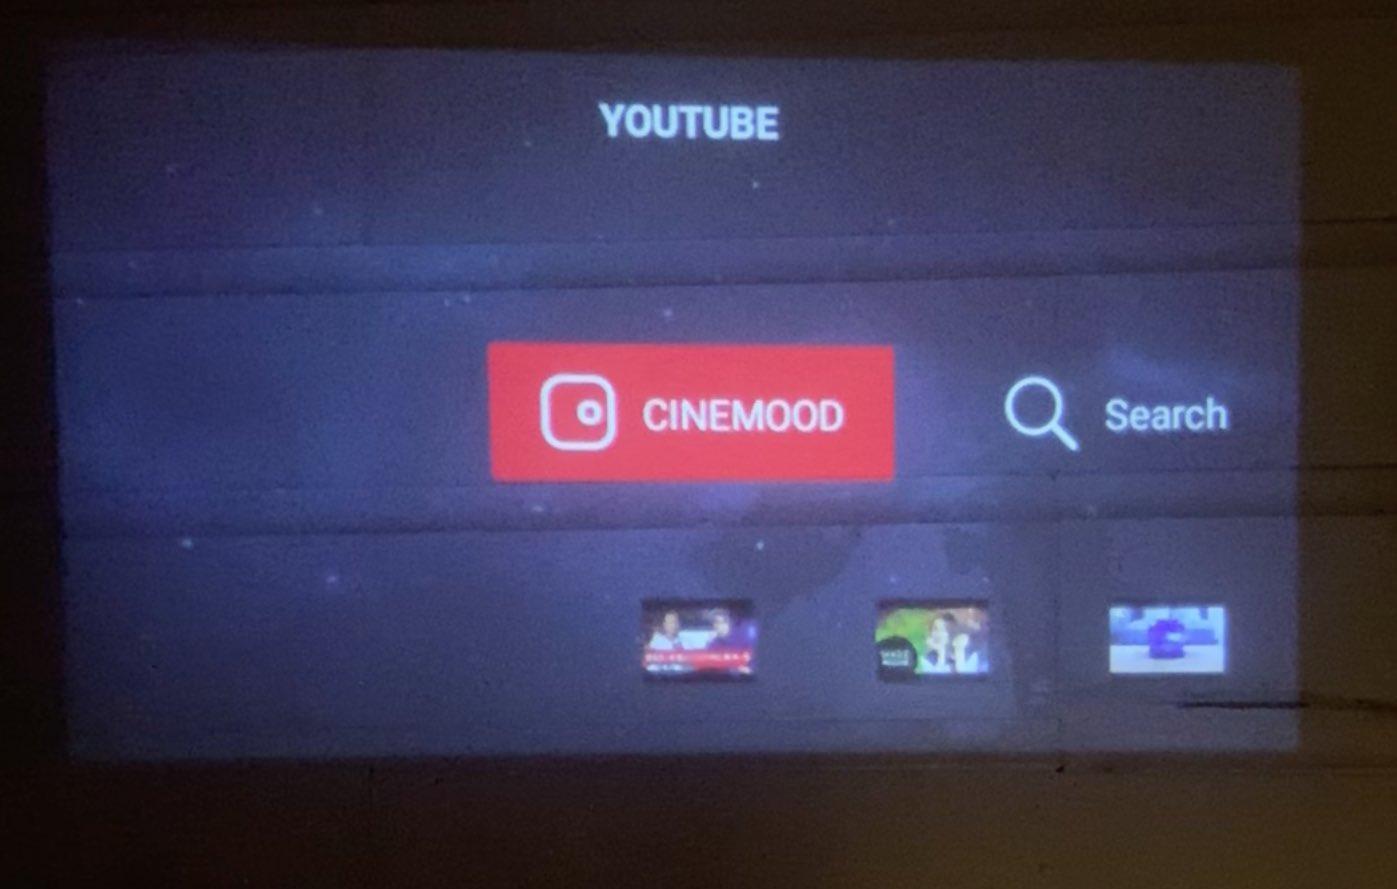 CINEMOOD YouTube